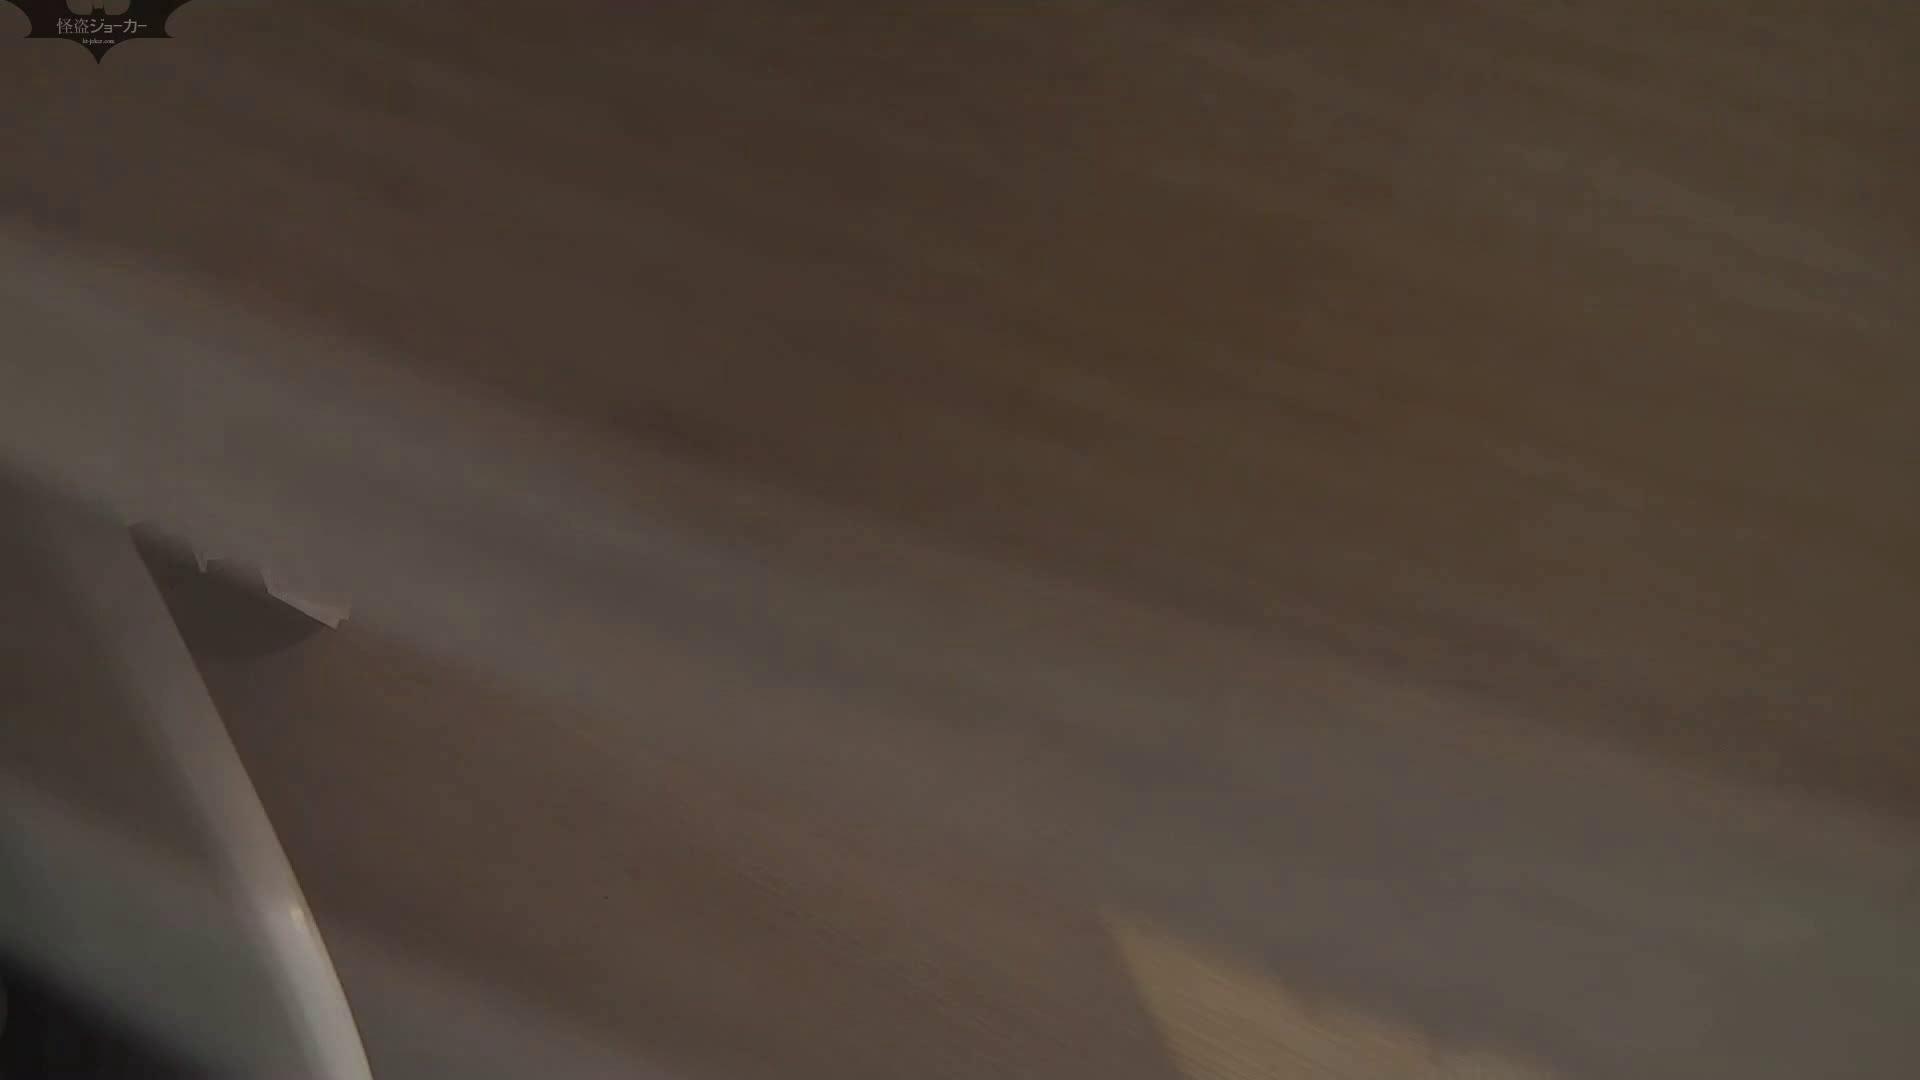 阿国ちゃんの和式洋式七変化 Vol.24 すっごくピクピクしてます。 洗面所 盗撮動画紹介 107枚